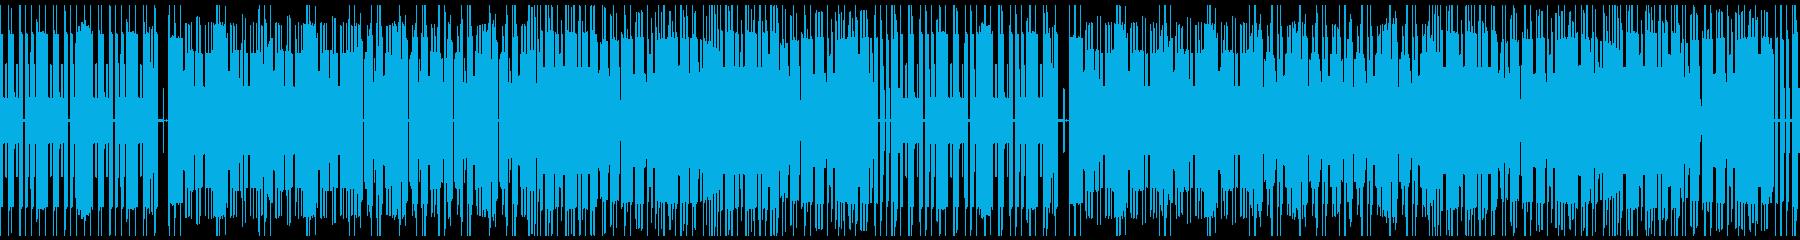 FC風ループ 青い夢の再生済みの波形